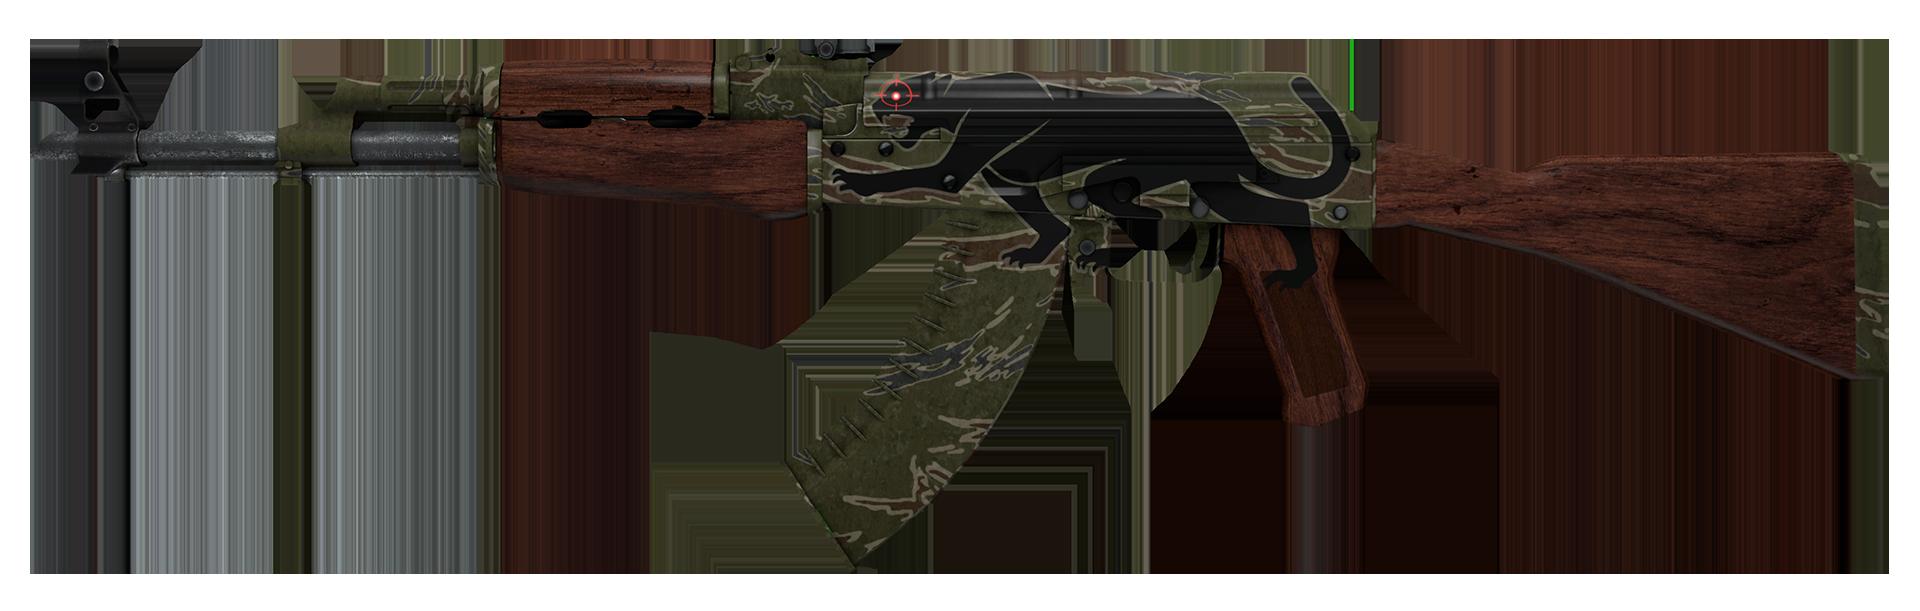 AK-47 Jaguar Large Rendering